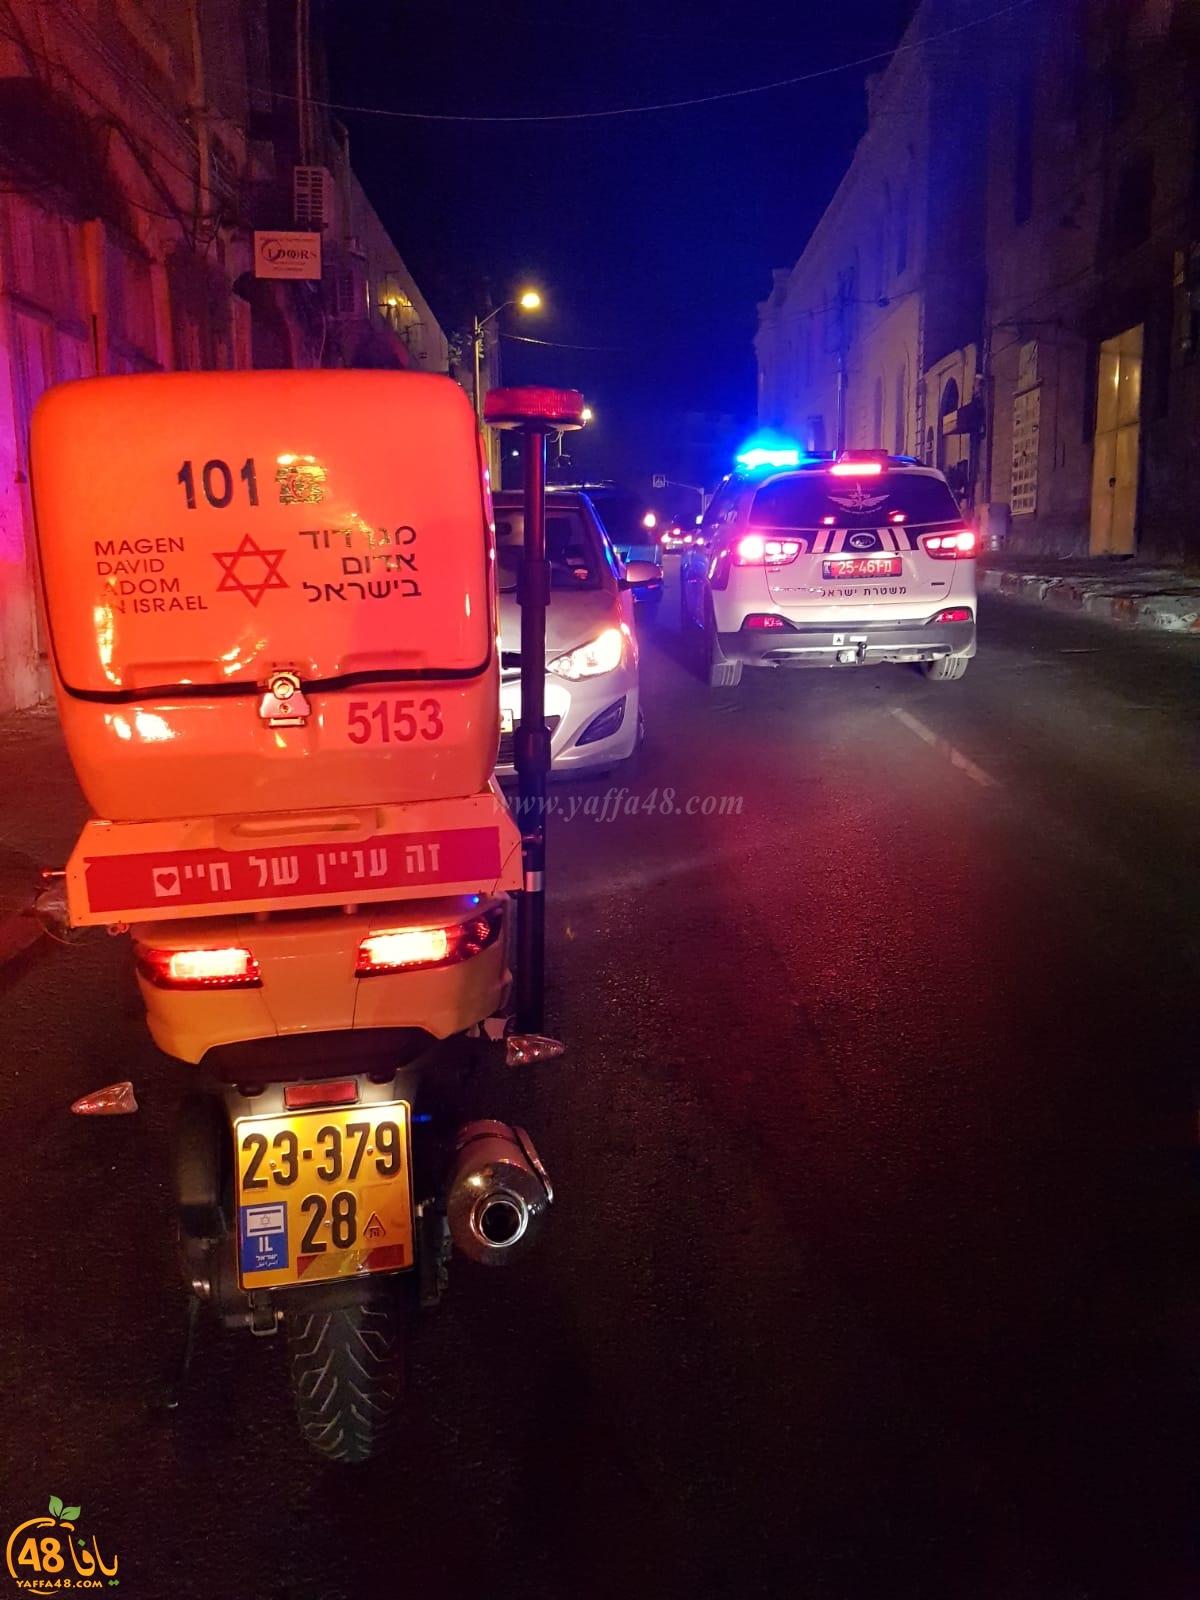 يافا - الشرطة: القاء قنبلة صوتية في شارع ييفت دون وقوع اصابات